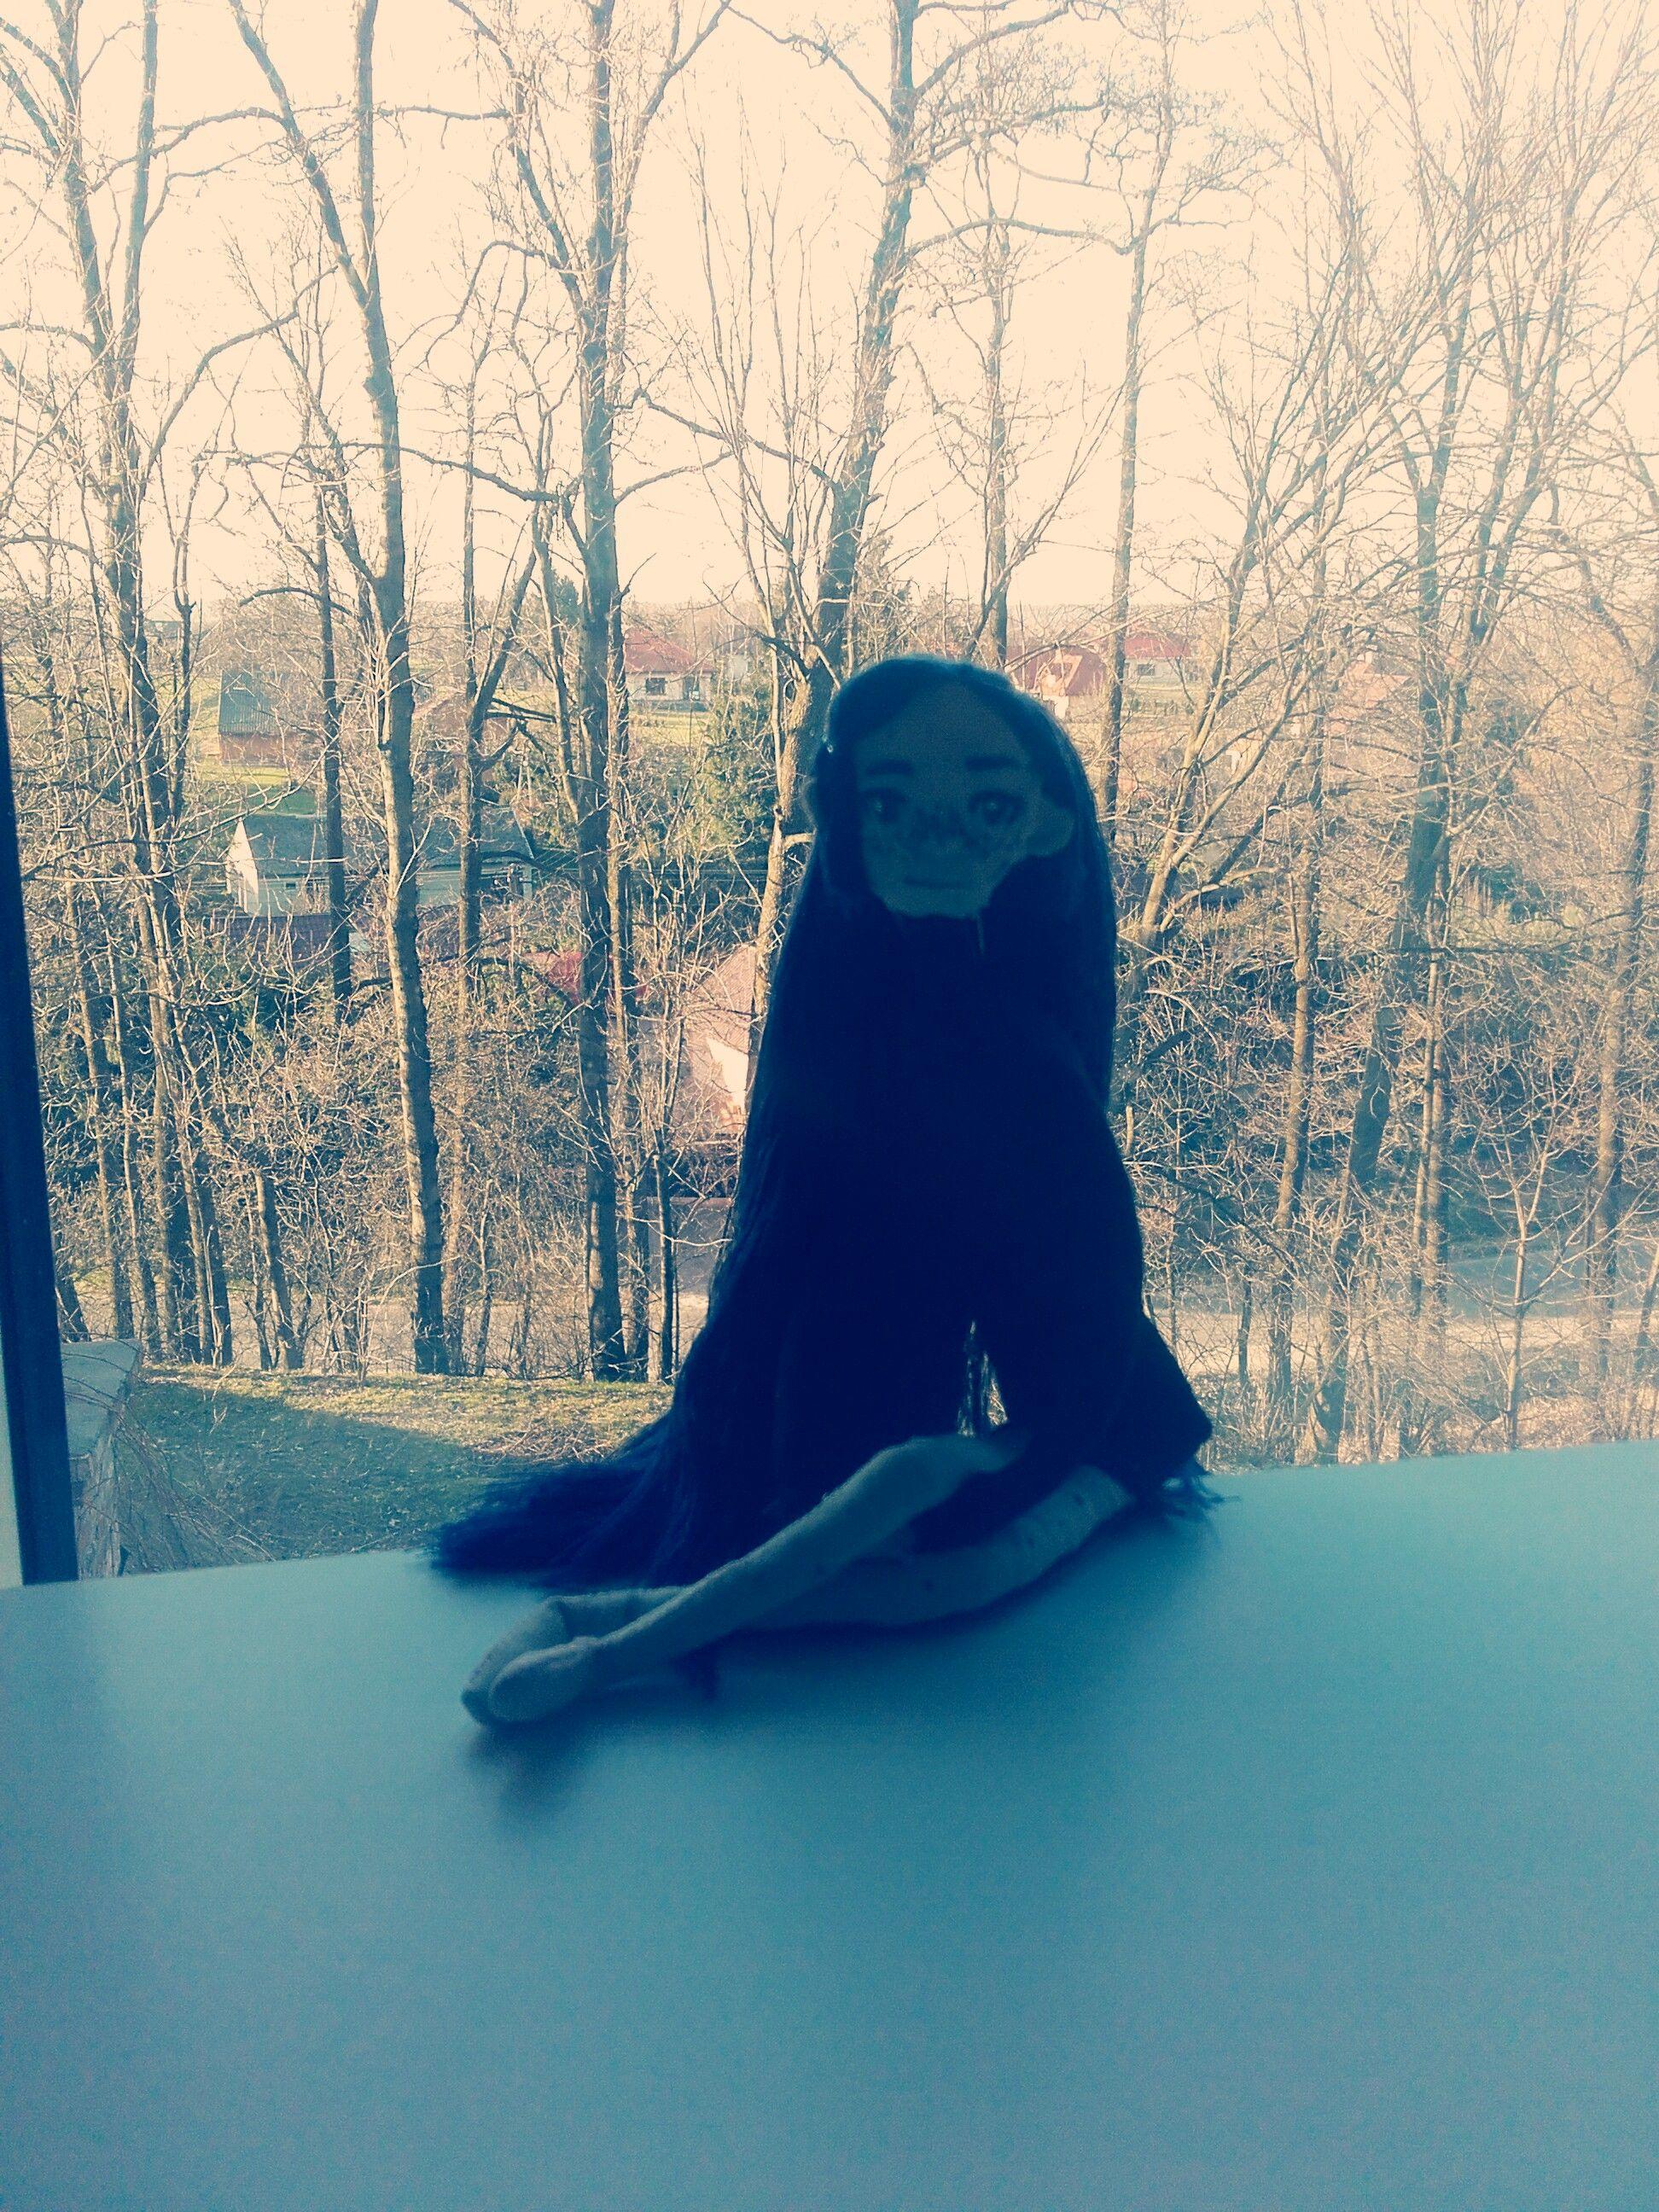 Tiffany The Witch Handmade plush doll malawielkaciutwiedzma.blogspot.com